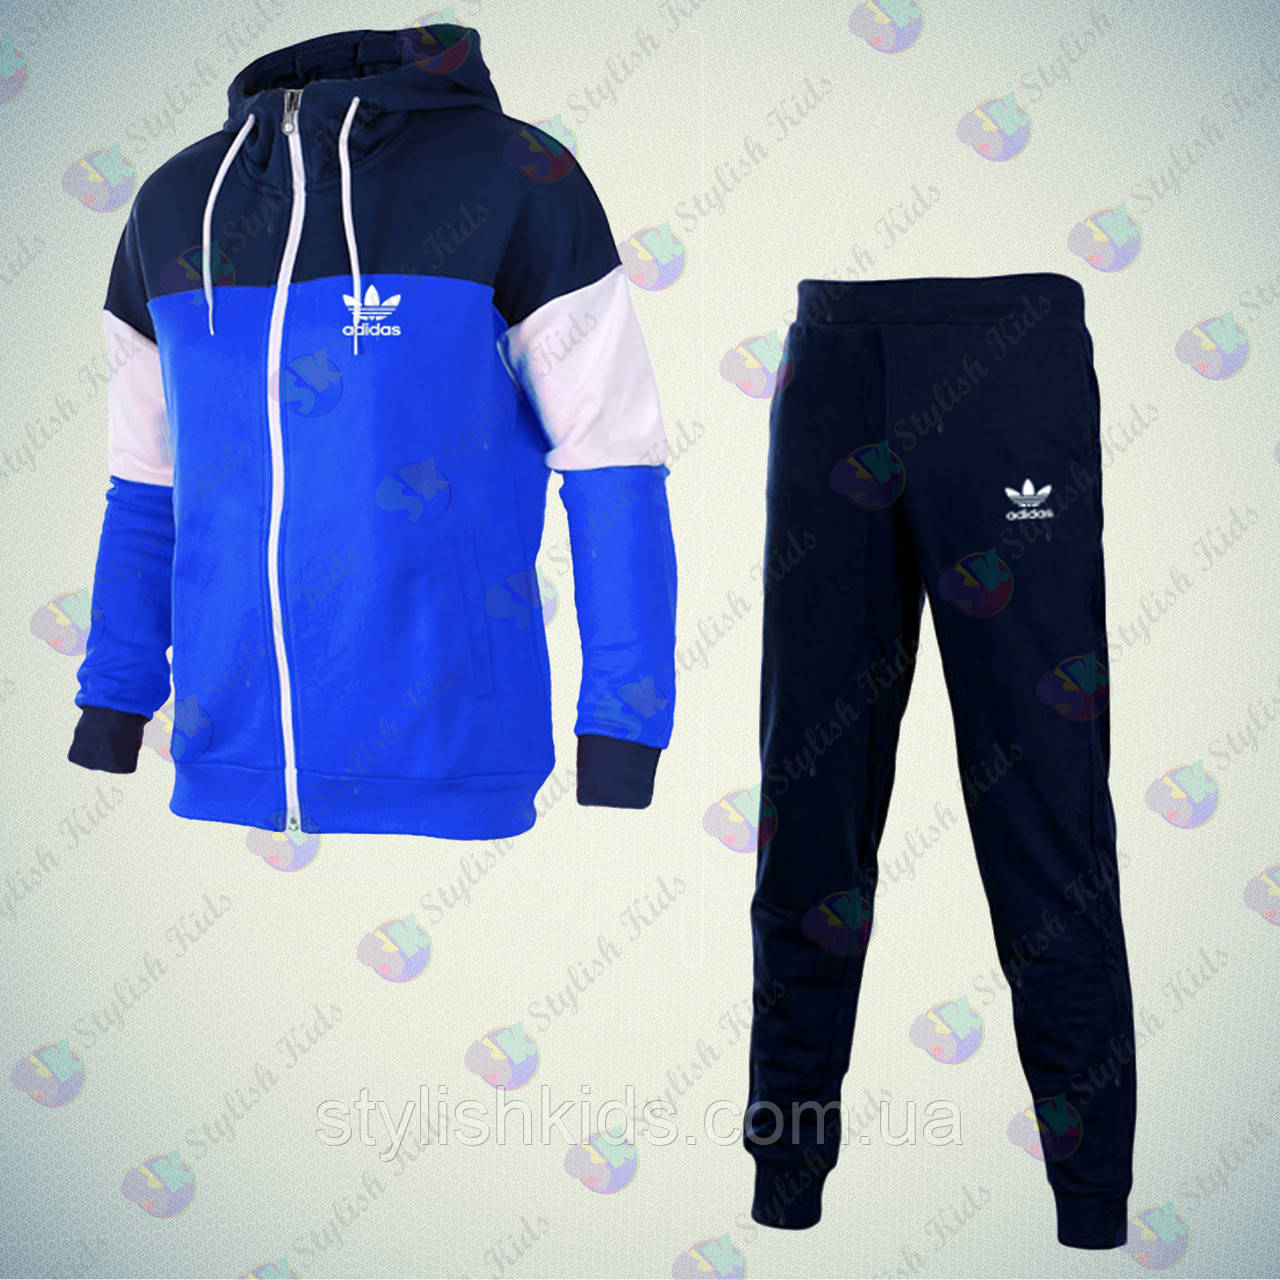 2305c0986 Купить спортивный костюм подростковый adidas.Спортивный костюм подростковый  купить в интернет магазине.